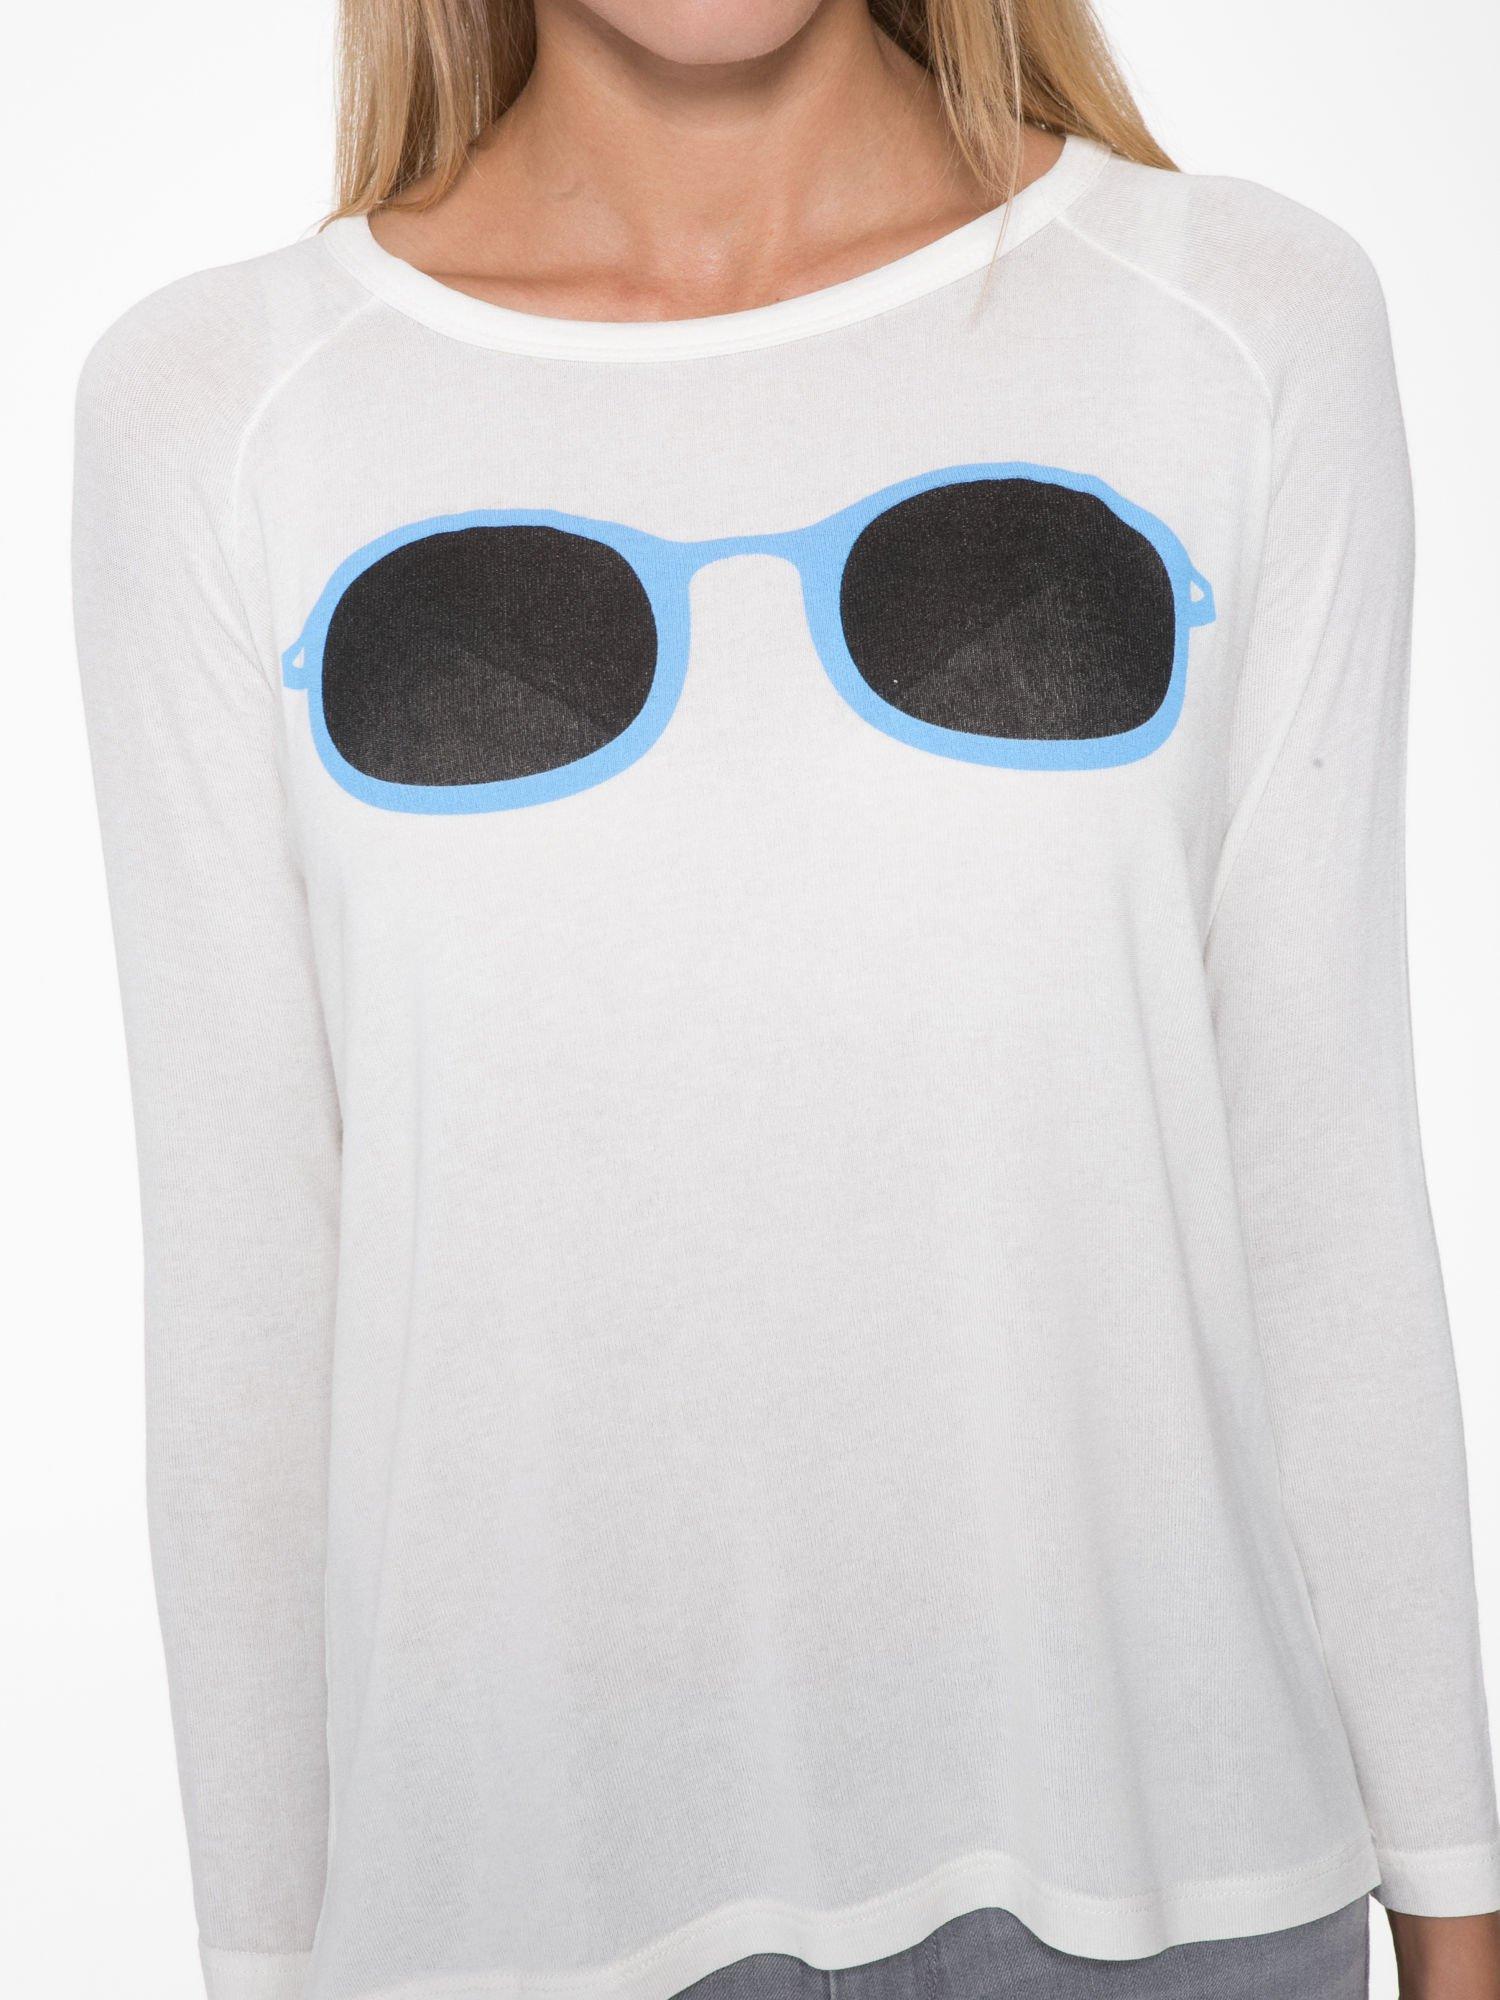 Ecru bluzka z nadrukiem okularów                                  zdj.                                  6